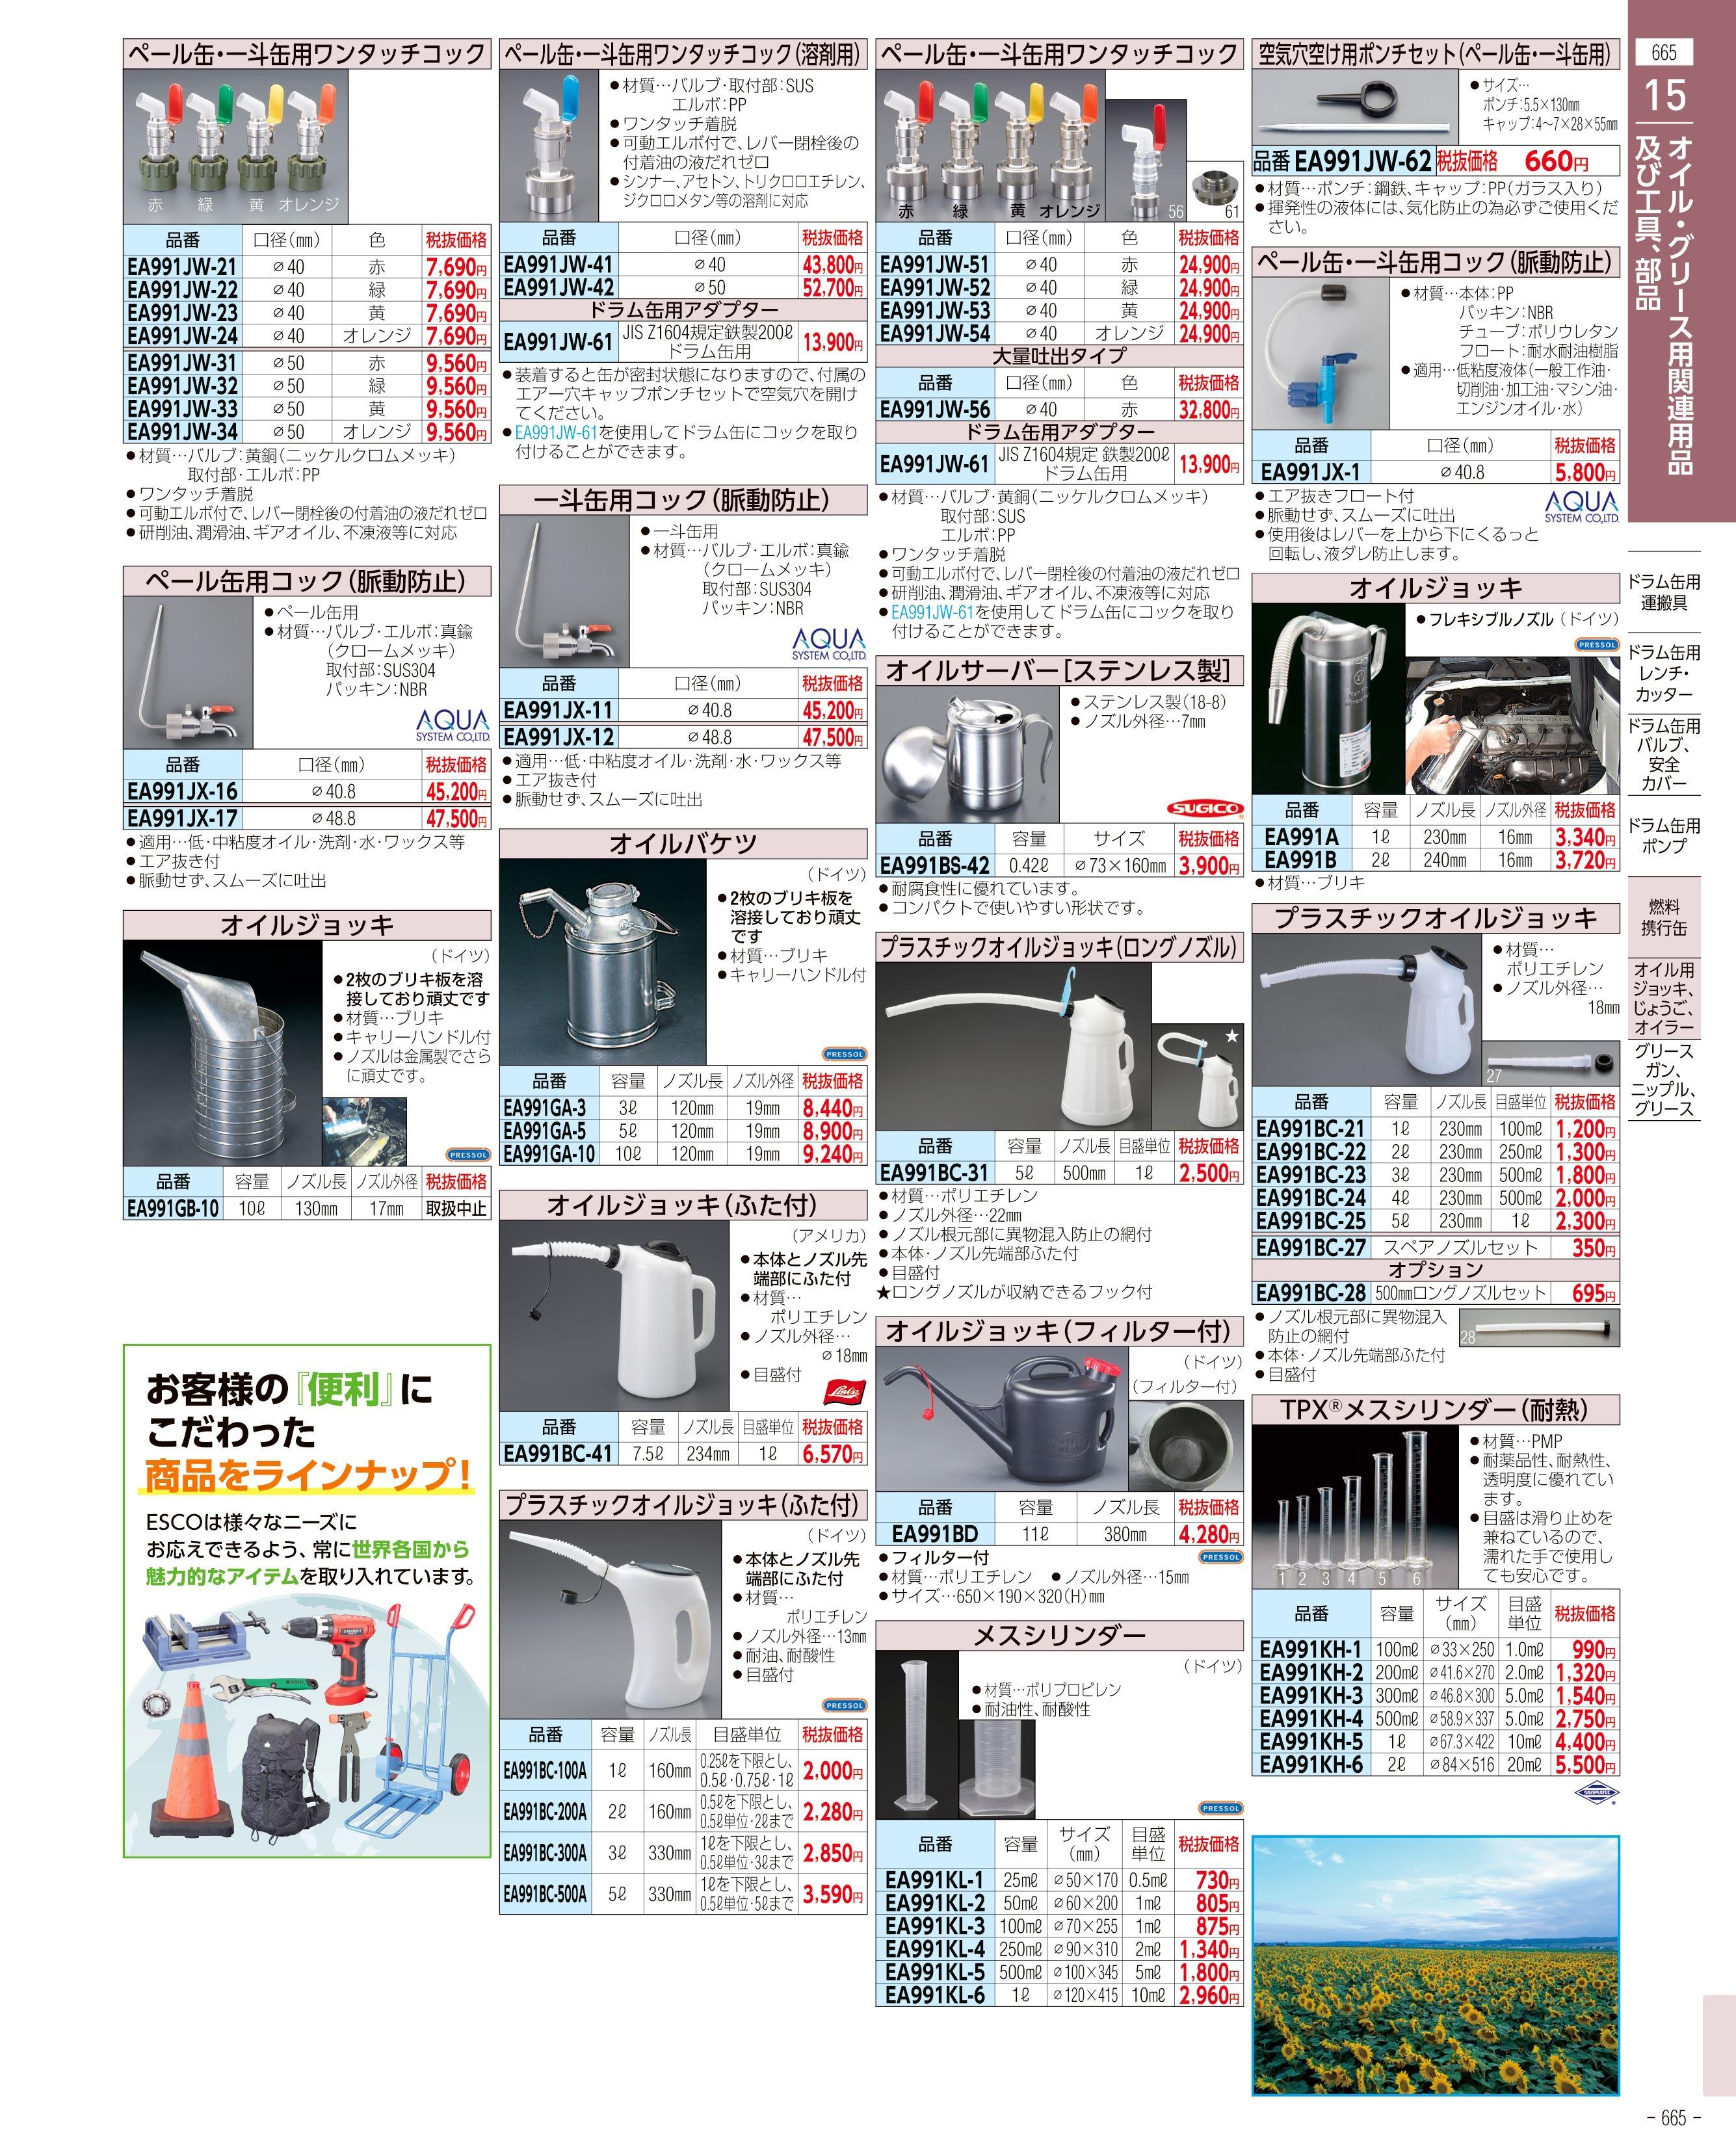 エスコ便利カタログ665ページ